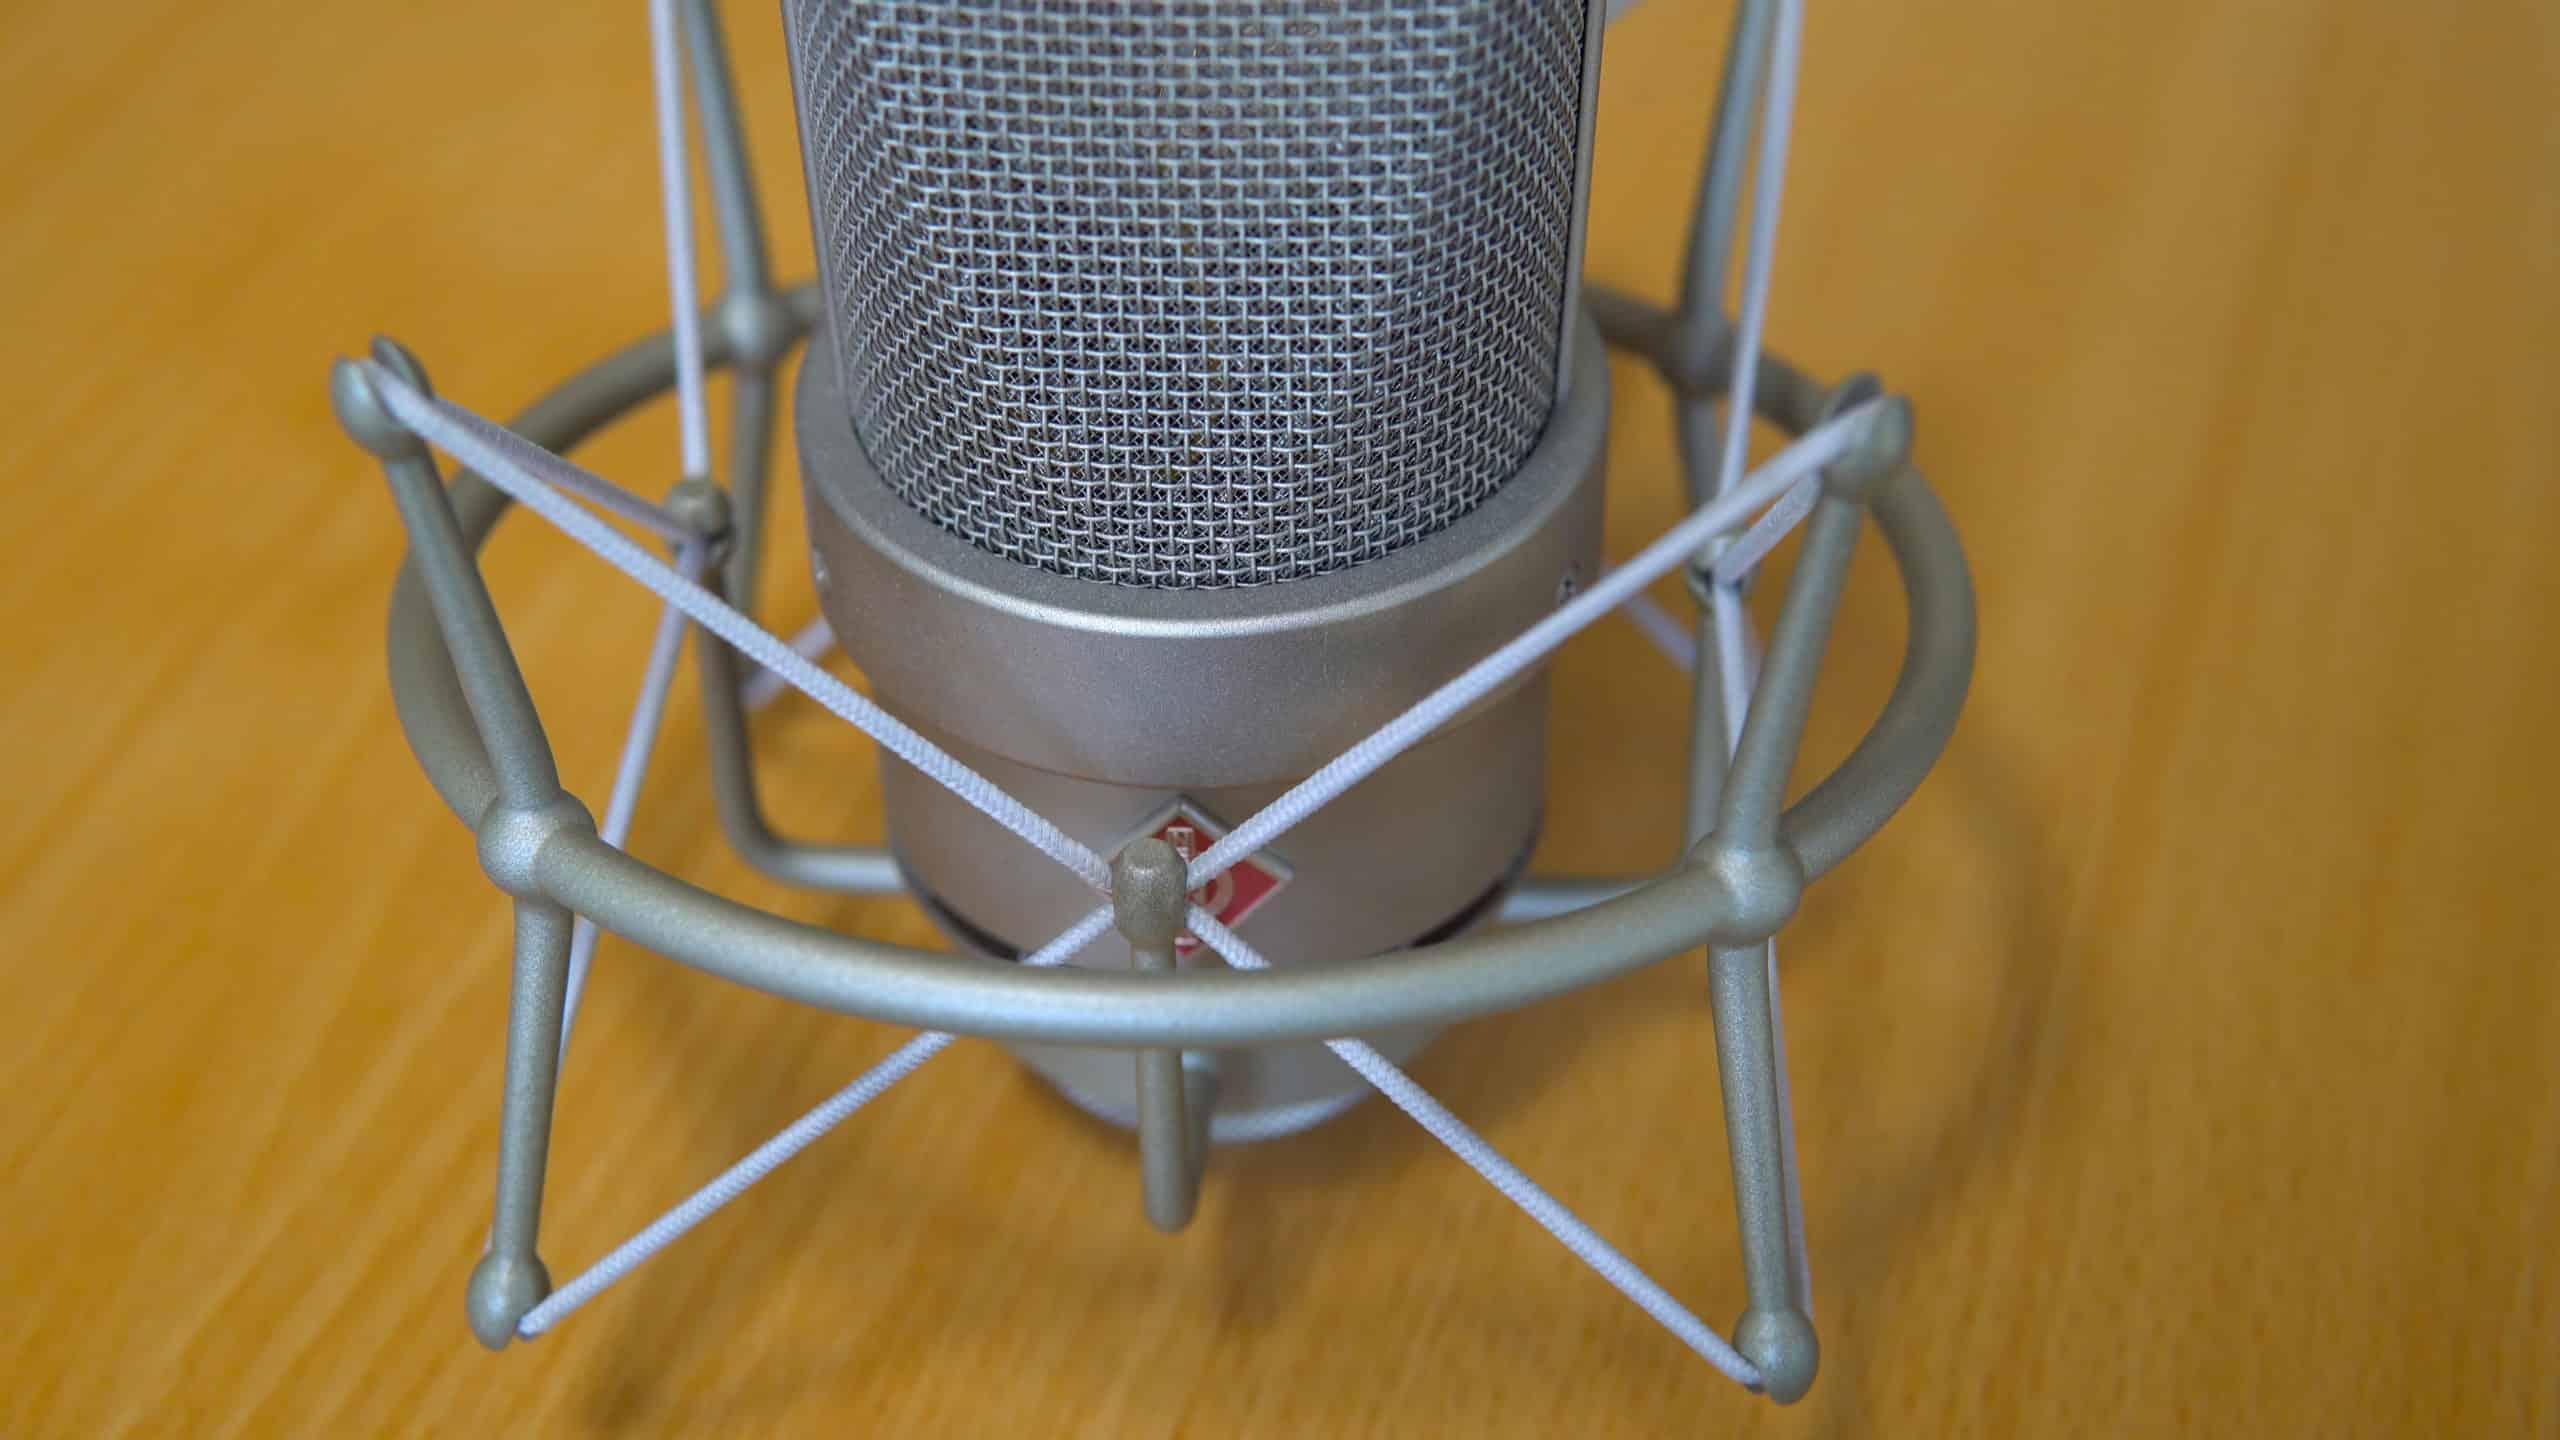 Neumann TLM 103 for Podcasting